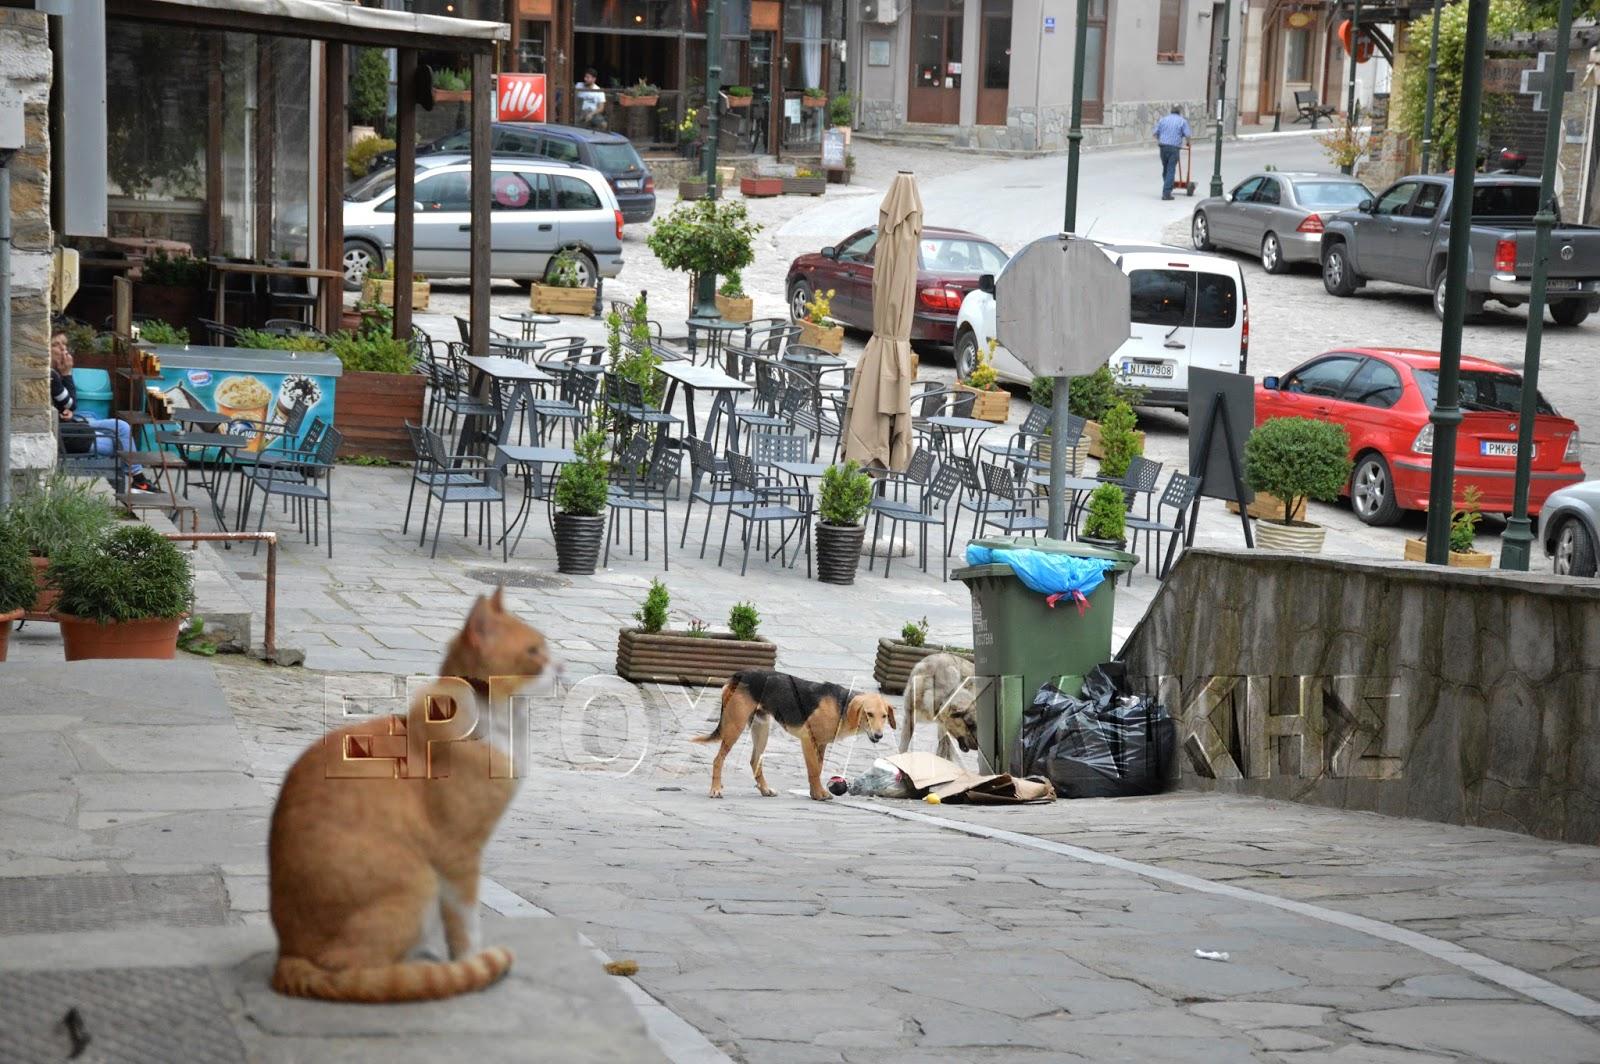 Μεγάλο το πρόβλημα με τα αδέσποτα ζώα στο Δήμο Αριστοτέλη (φώτο)